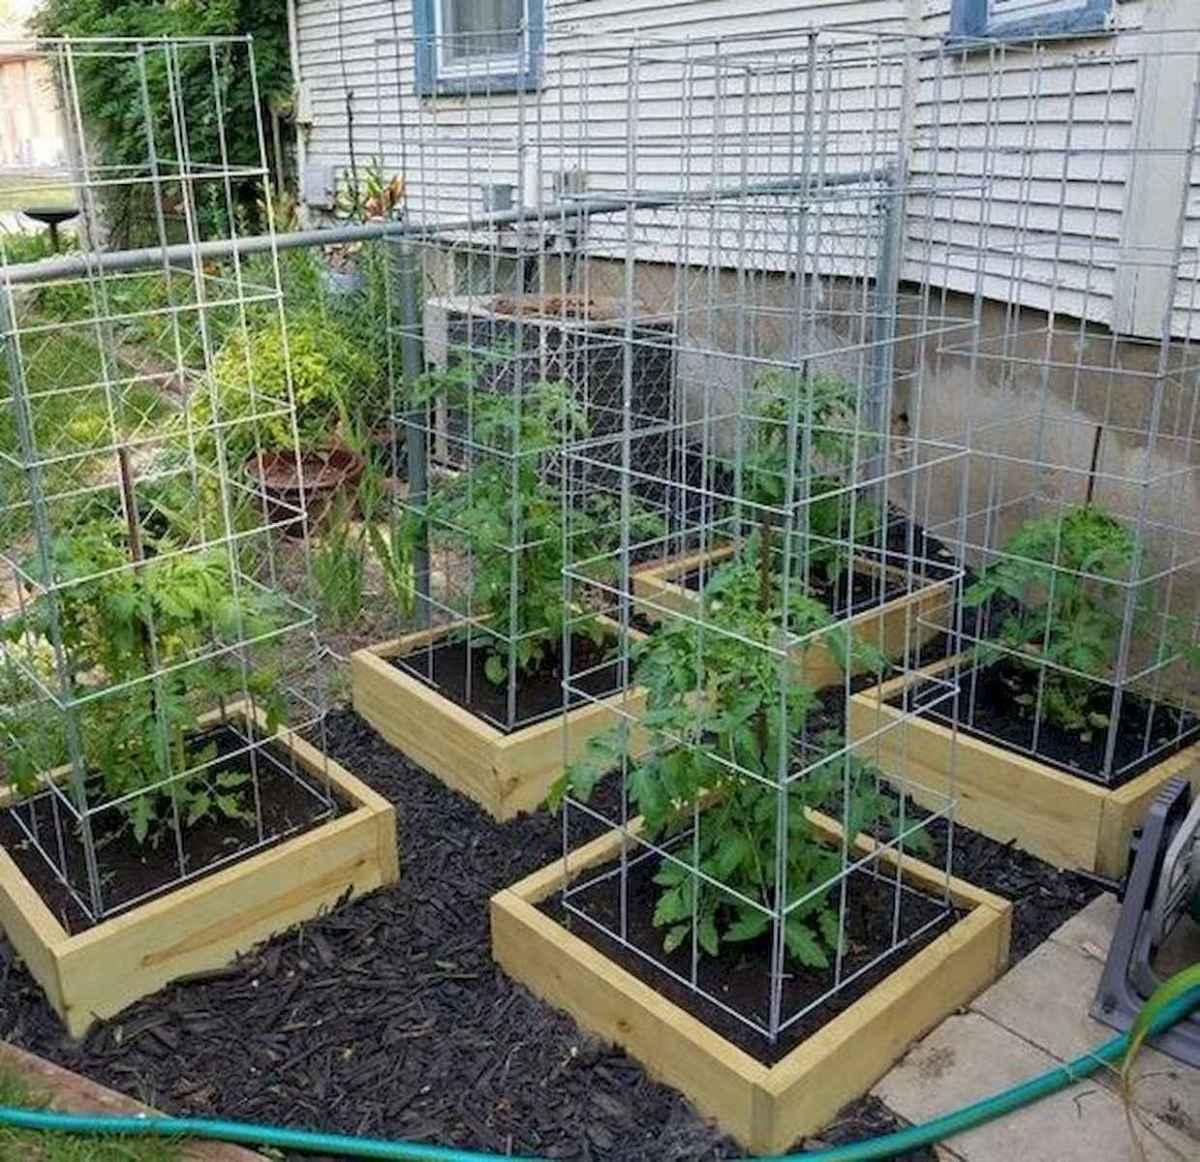 50 Best Garden Beds Design Ideas For Summer (51)